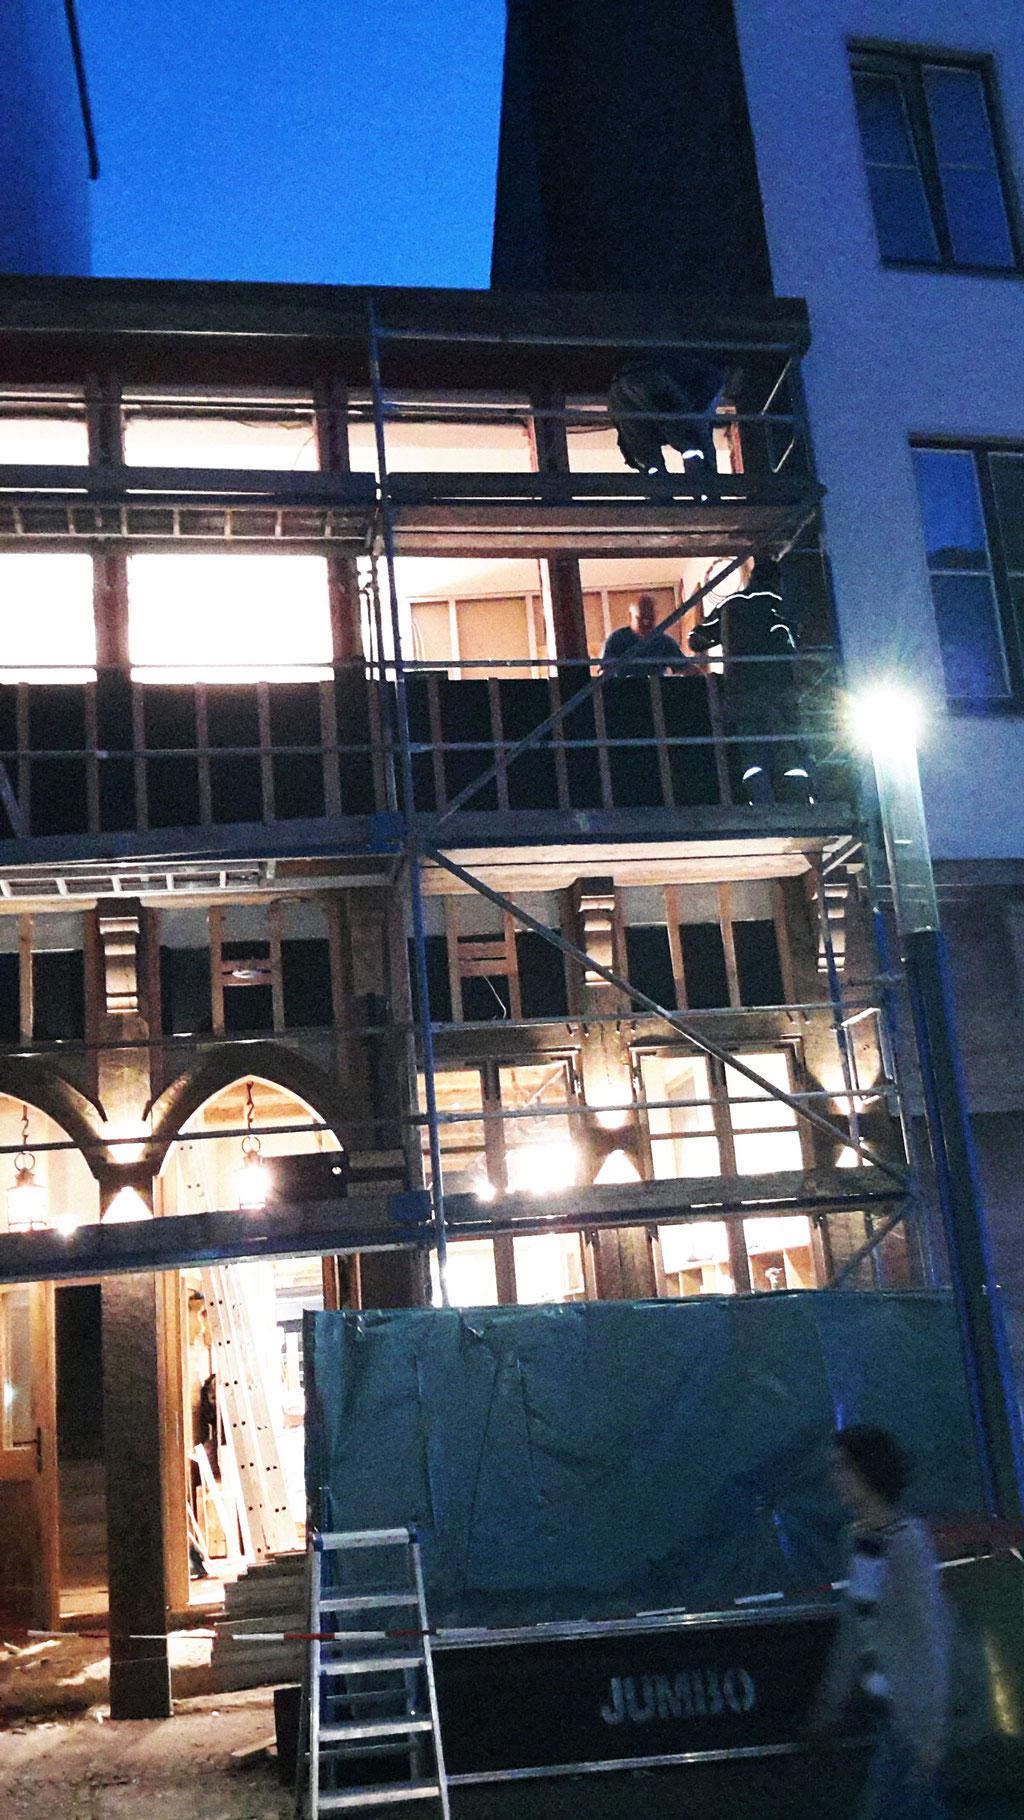 Die Hausfassade wird mit 10 Wandstrahler beleuchtet und erfreut so das Herz jedes Betrachters.